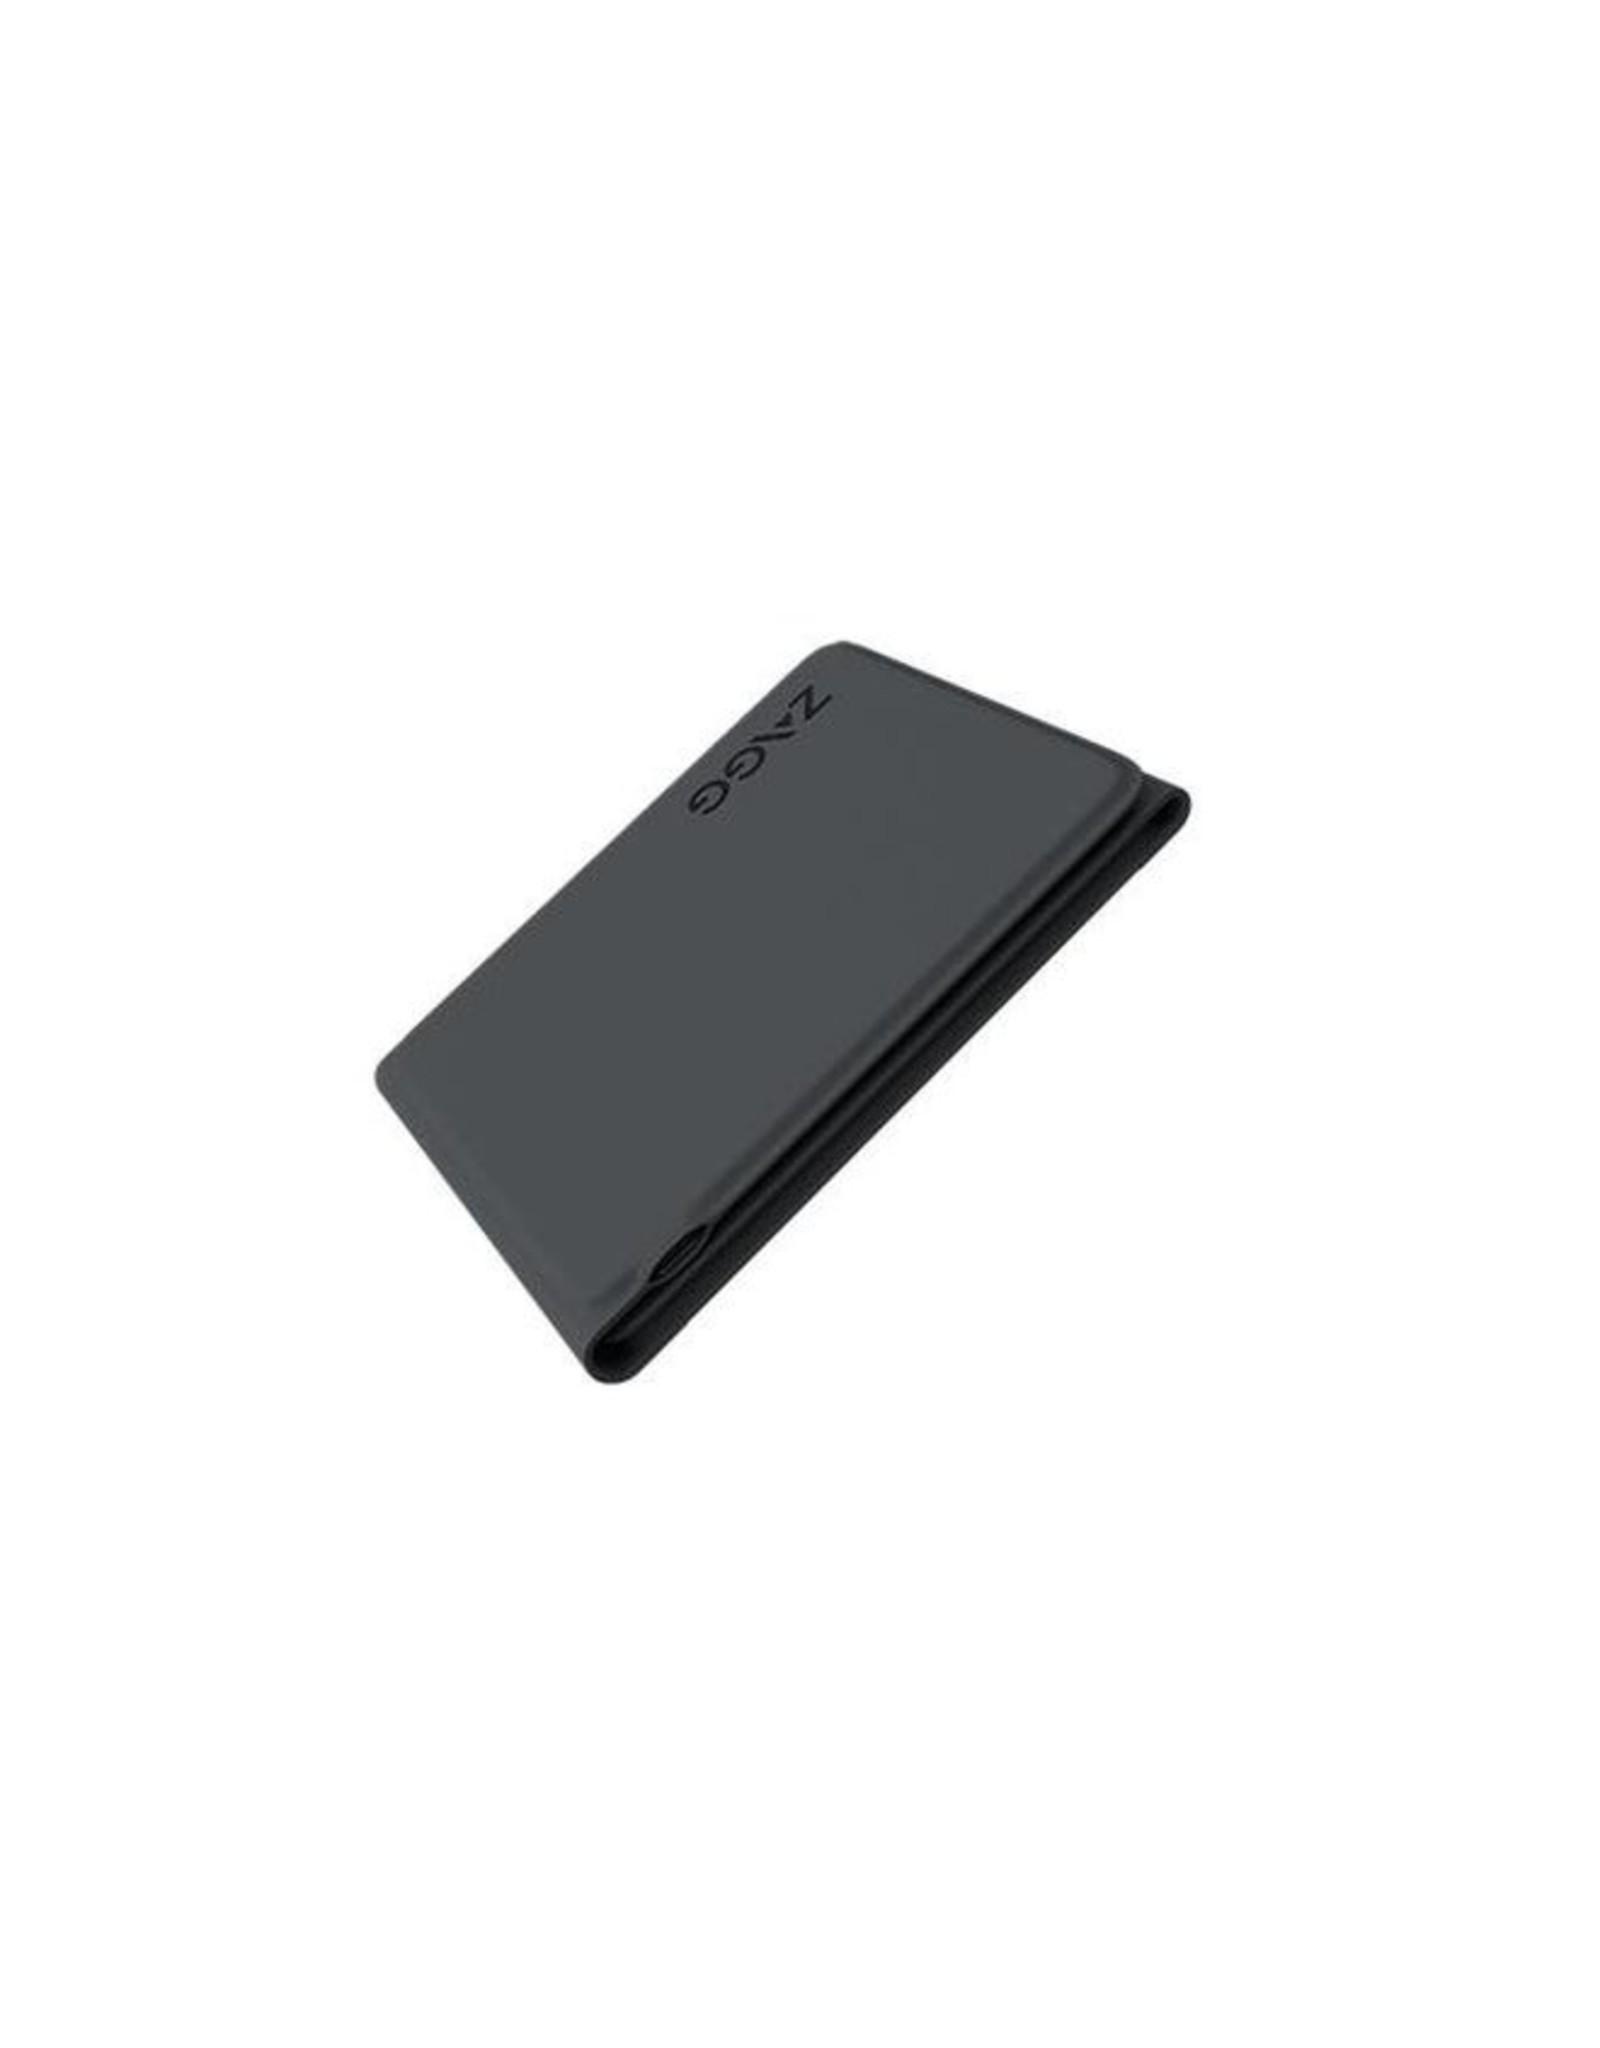 Zagg ZAGG Universal Keyboard TriFold with Touchpad